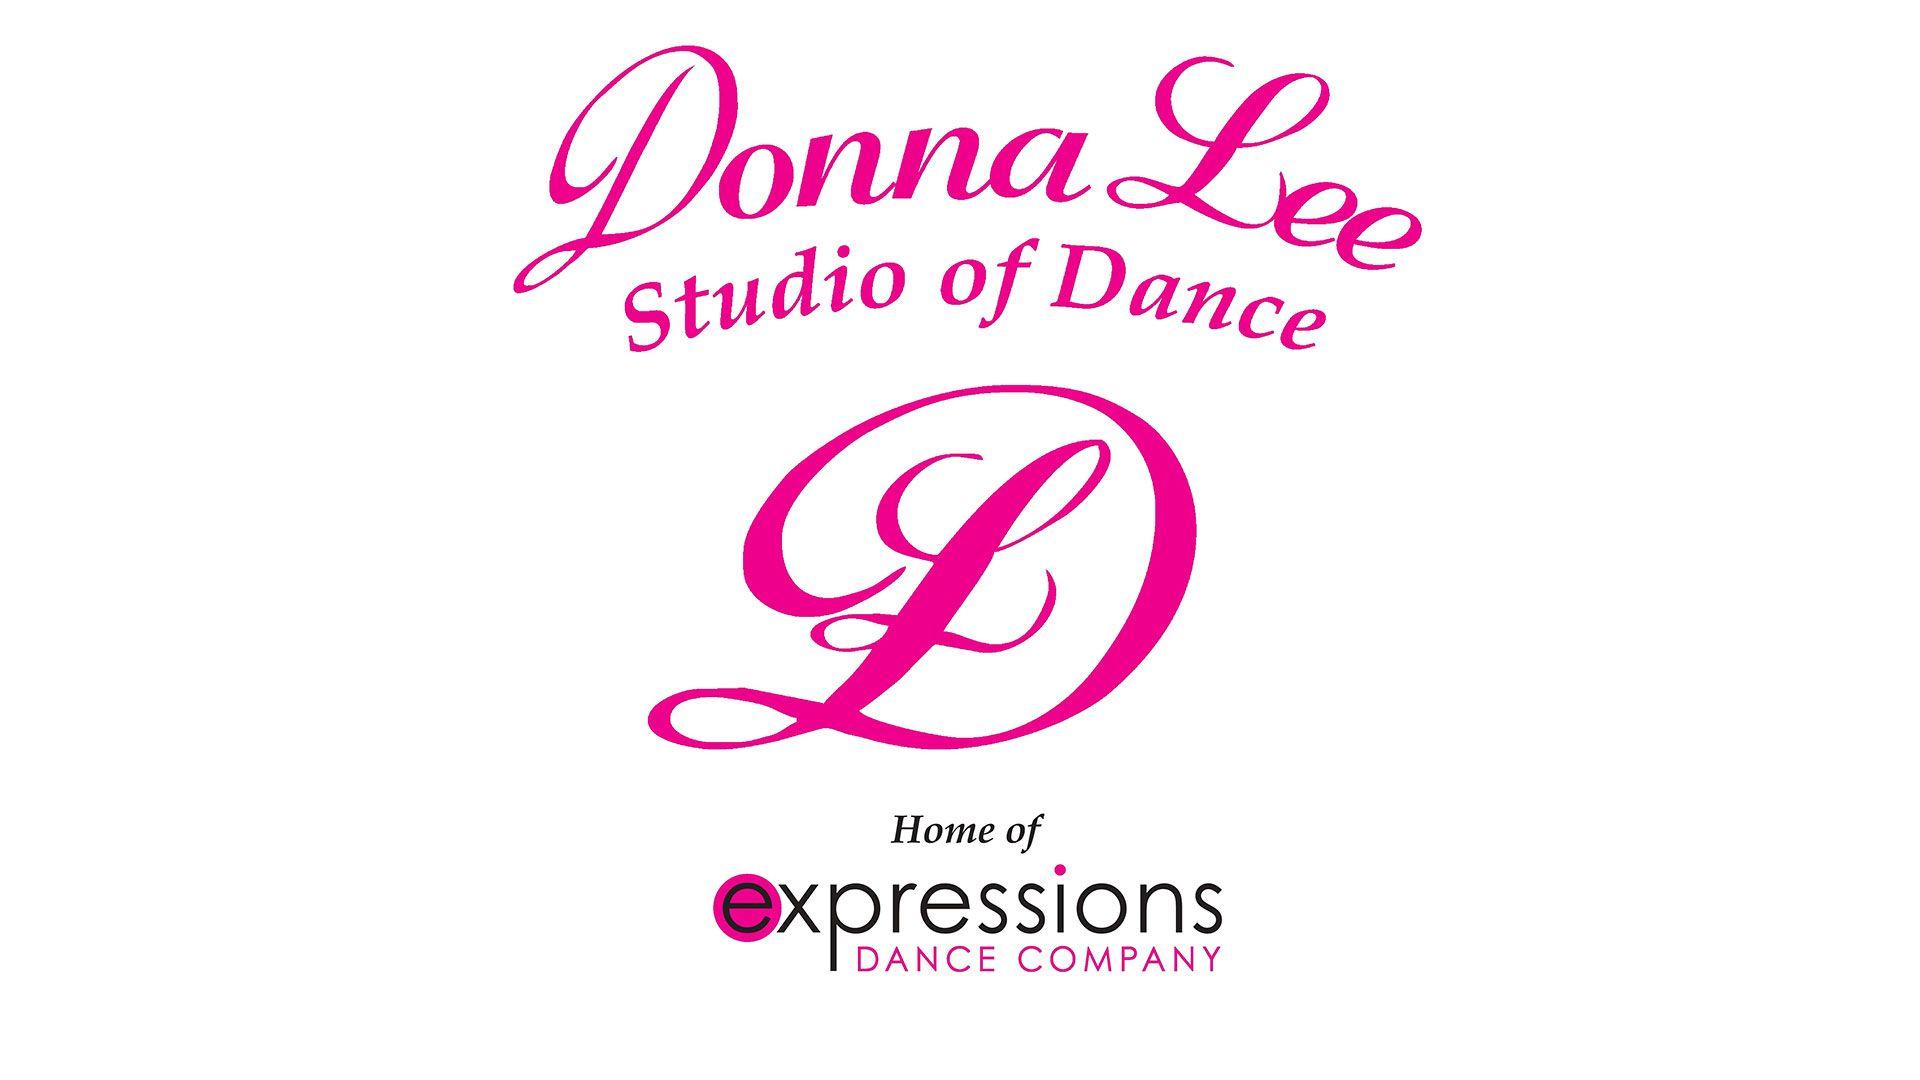 Donna Lee Studio of Dance